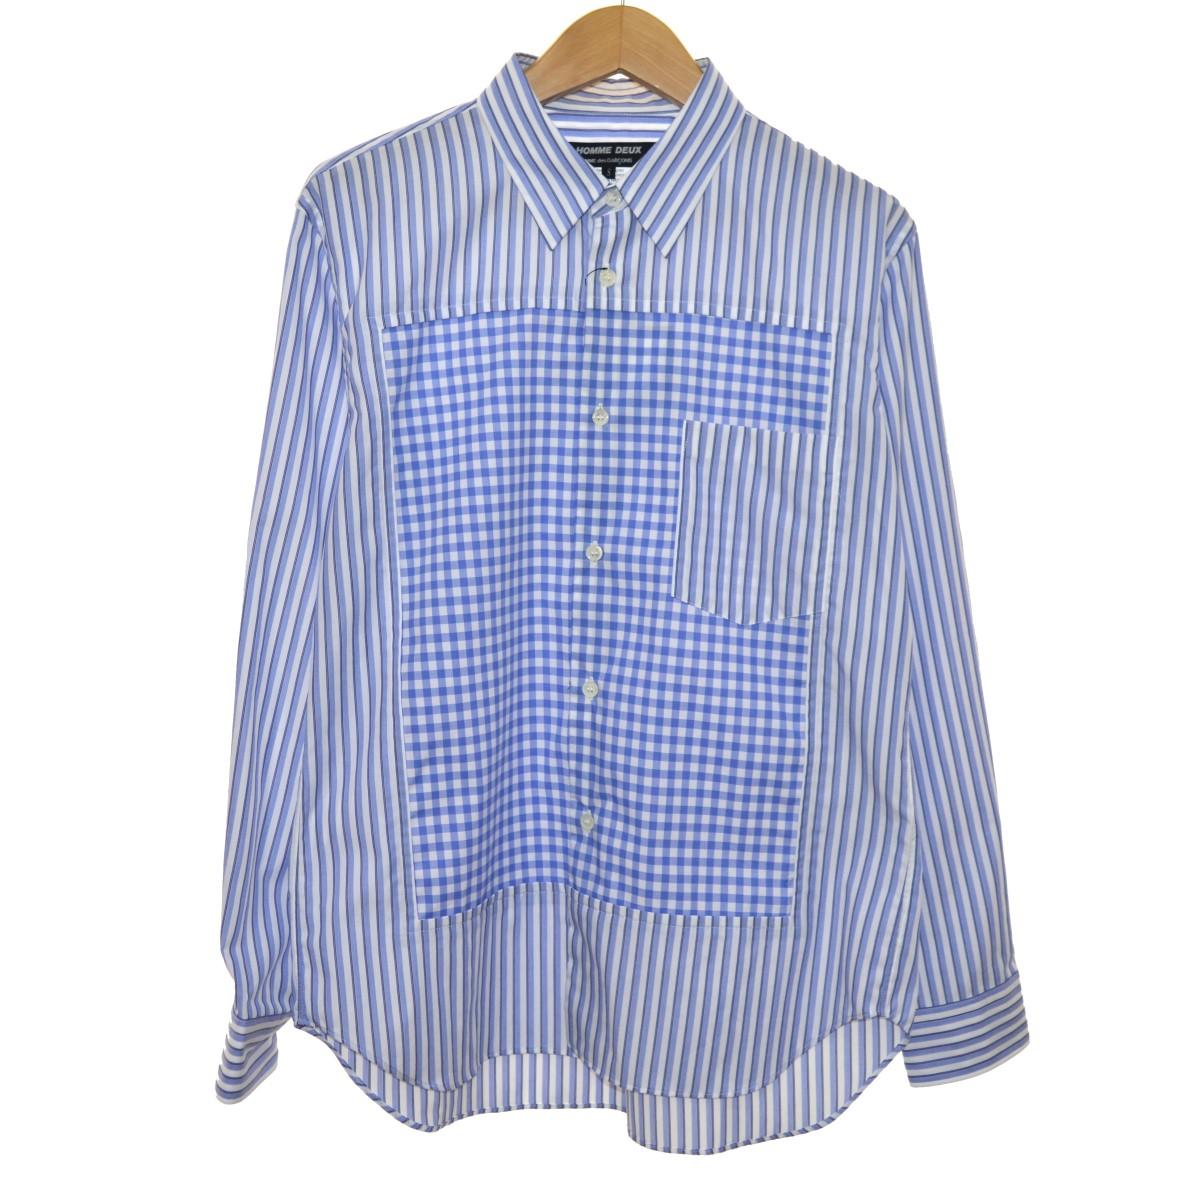 【中古】COMME des GARCONS HOMME DEUX 20SS 切替ストライプシャツ ブルー サイズ:S 【310320】(コムデギャルソンオムドゥ)